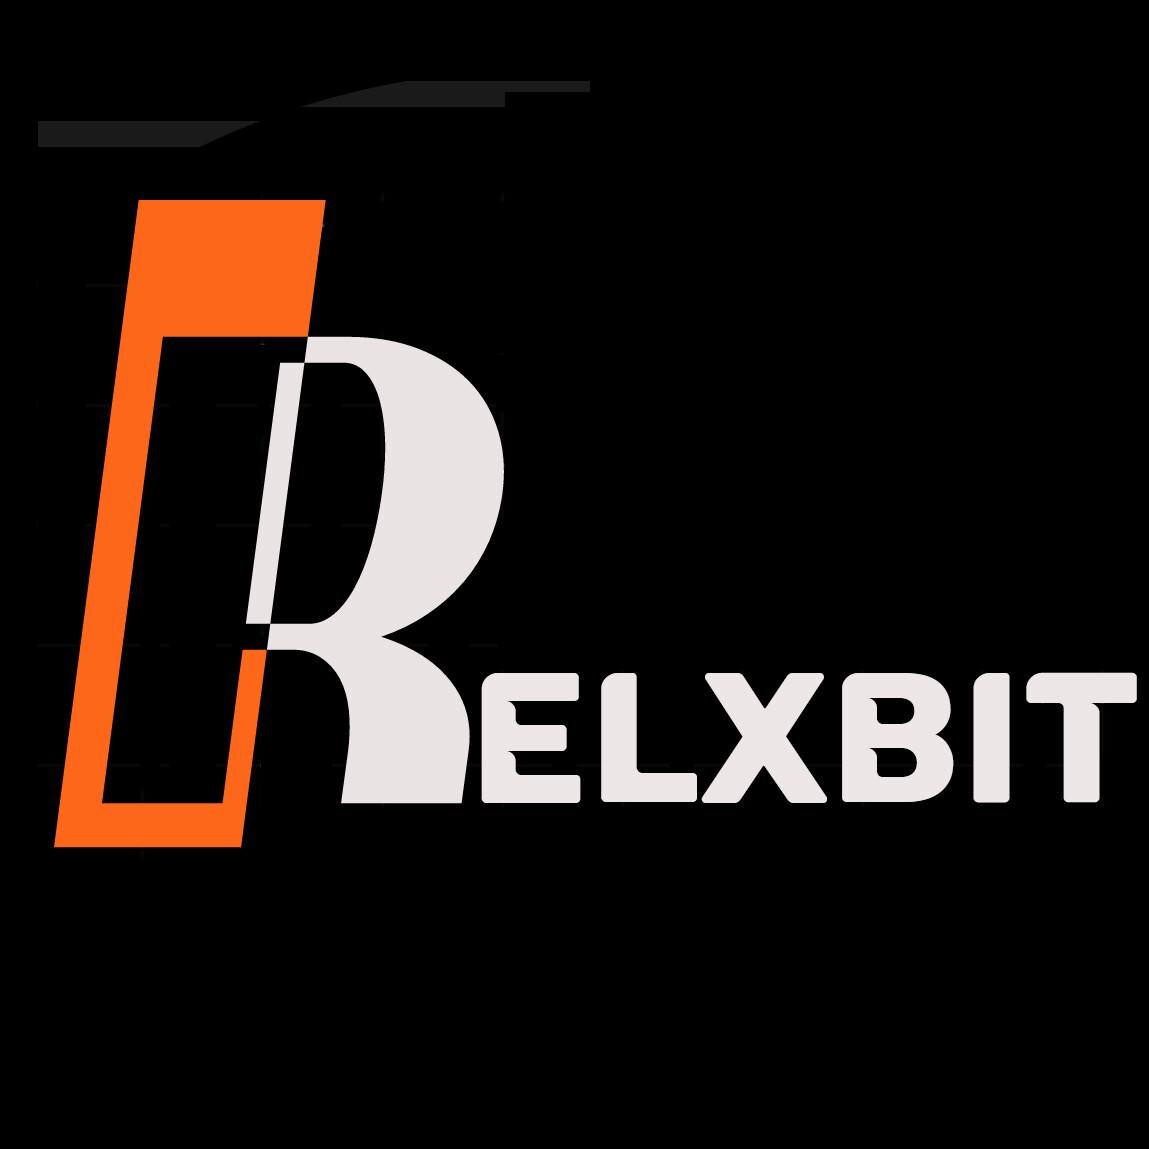 Relxbit